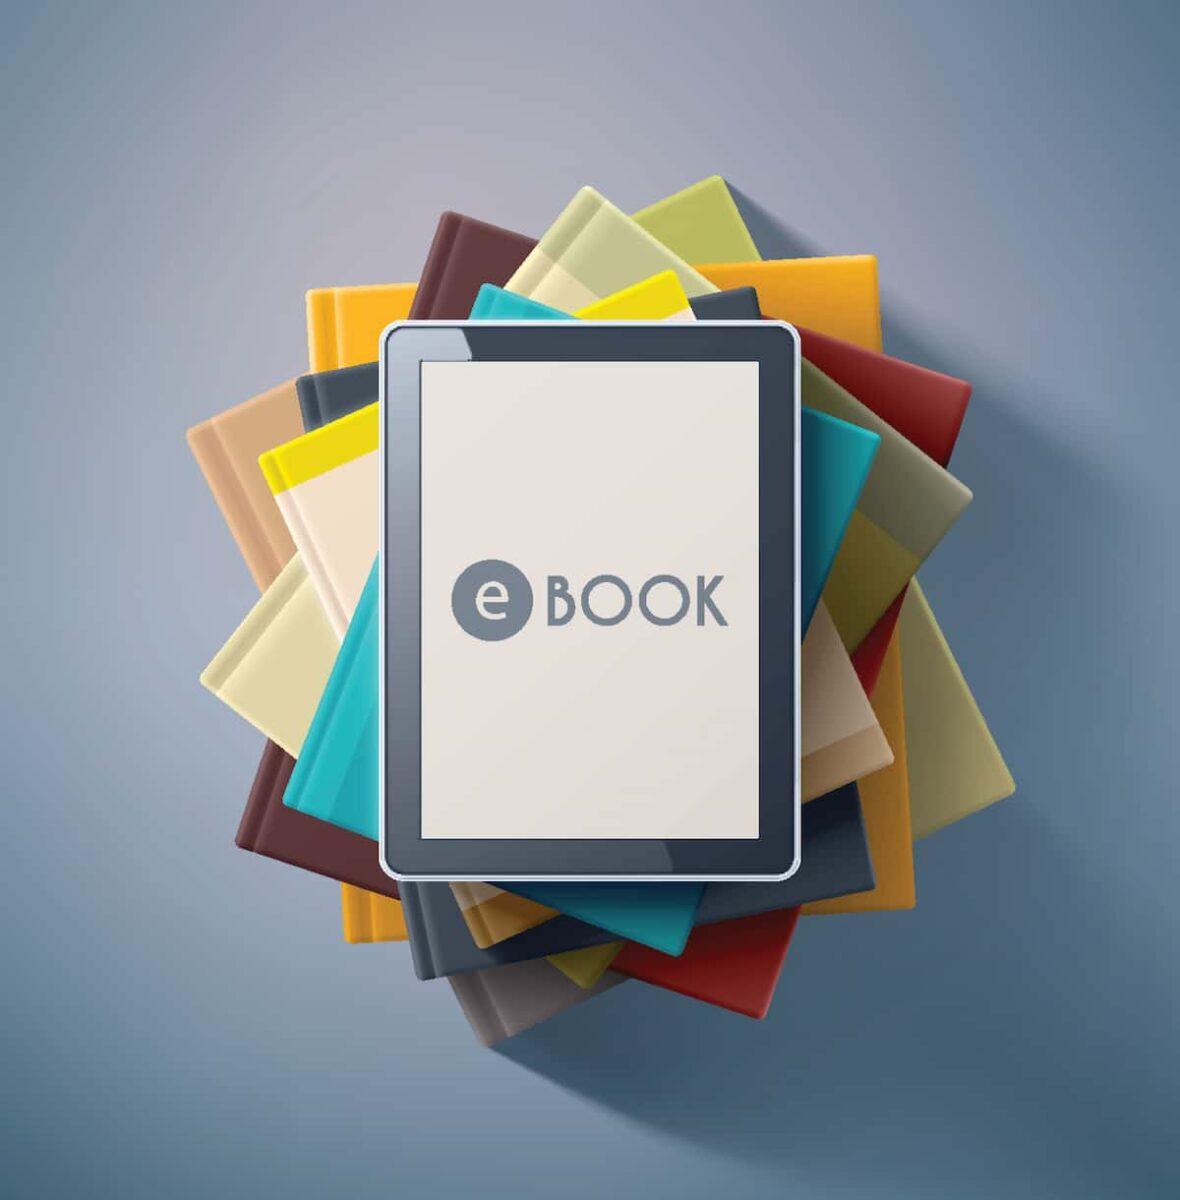 電子書籍化で人気のプラットフォーム一覧